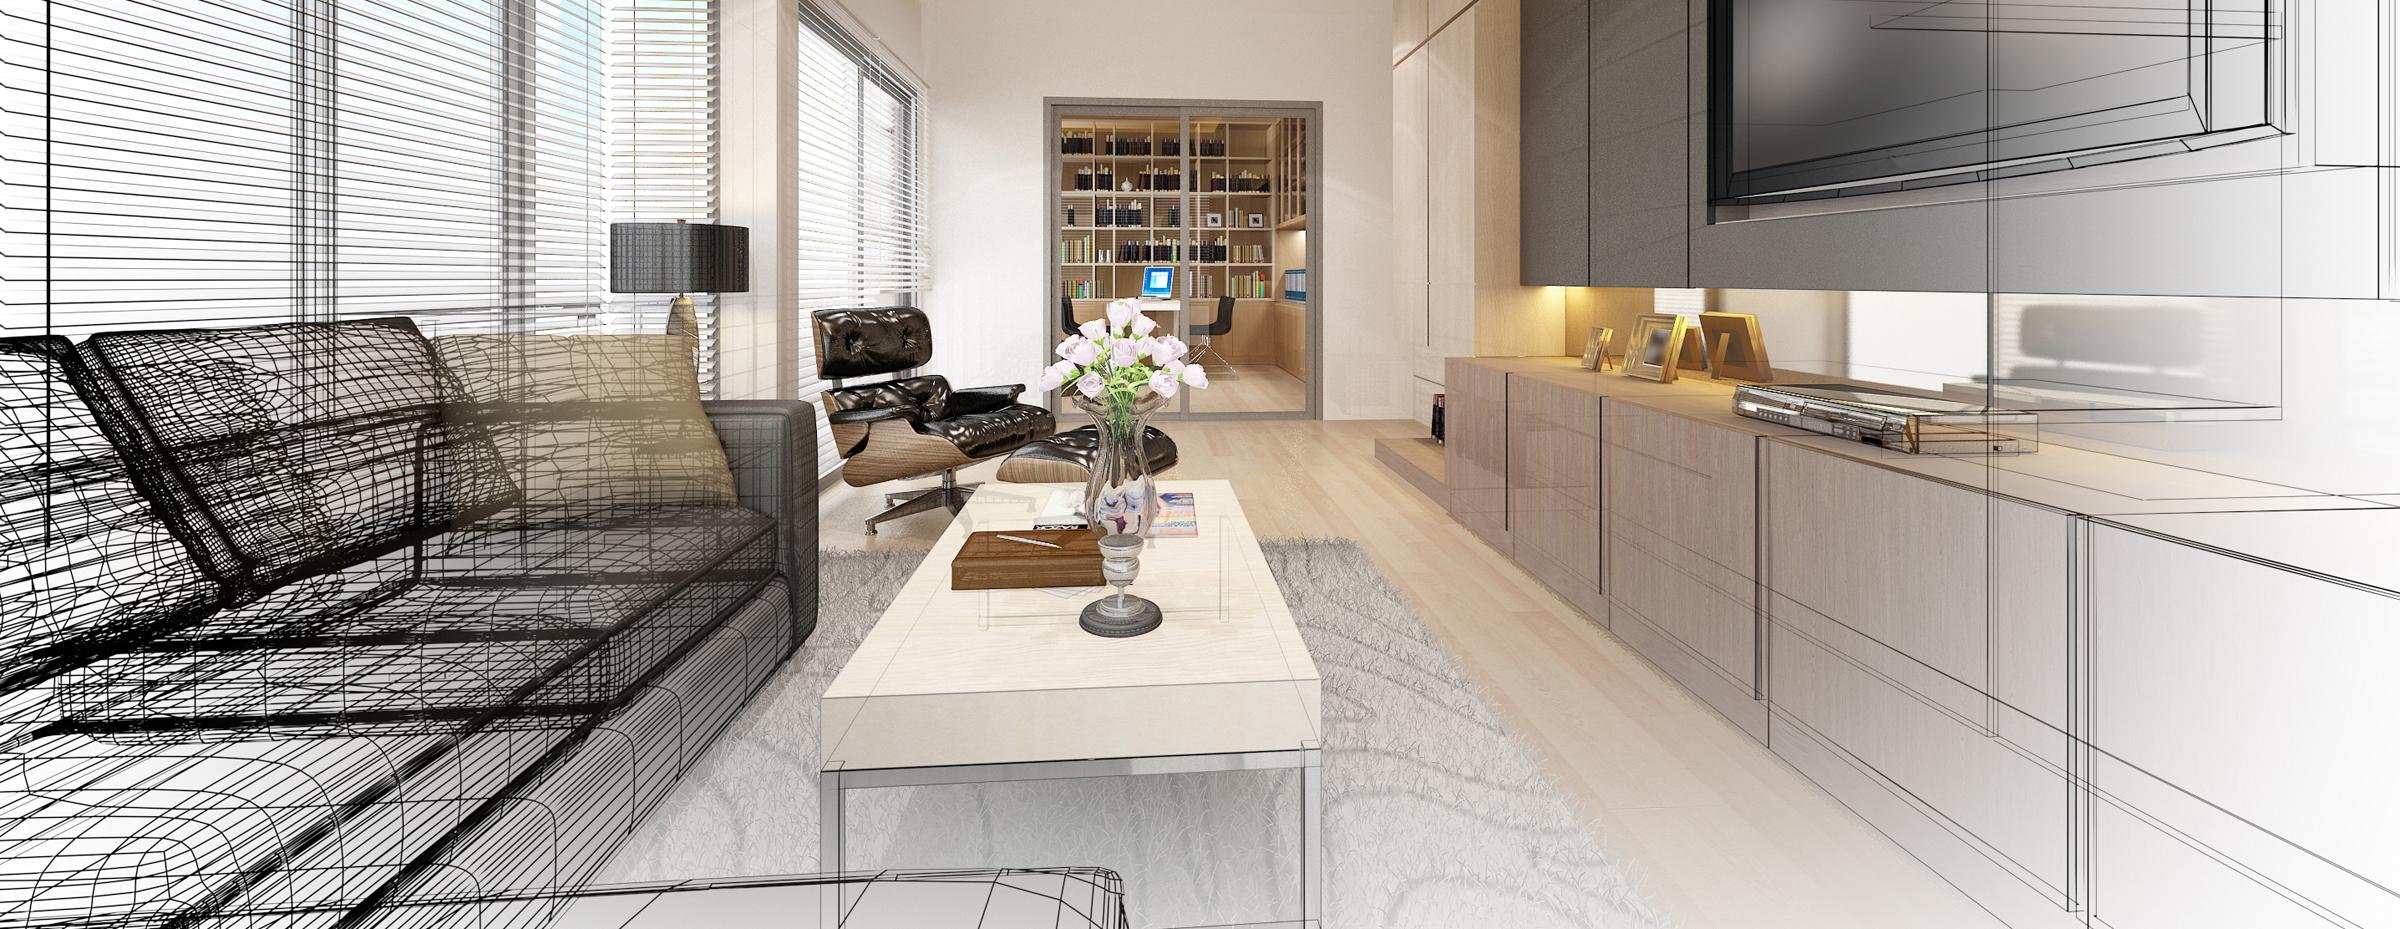 Proyectos muebles ib ez ruiz muebles de yecla - Fabricas de muebles en yecla ...